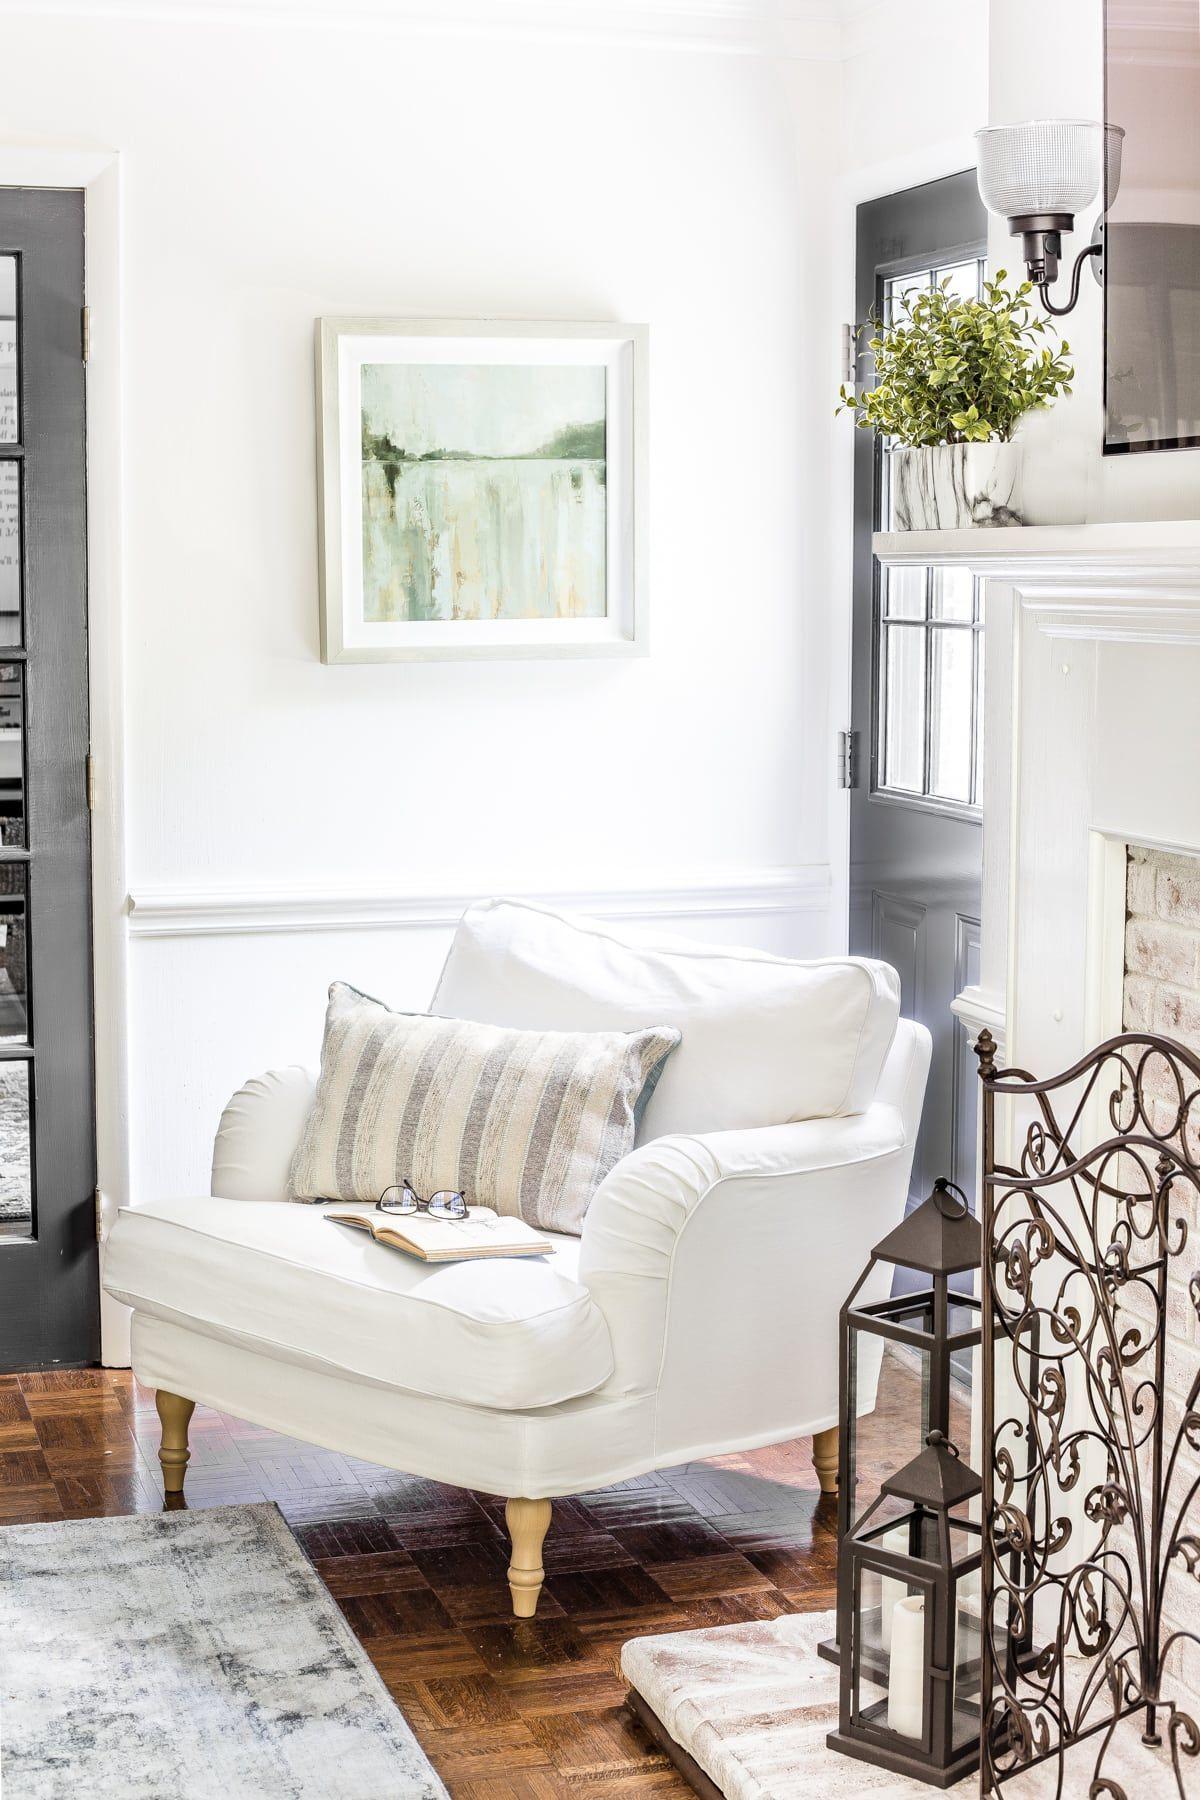 new slipcovers for the ikea living room furniture living room rh pinterest com